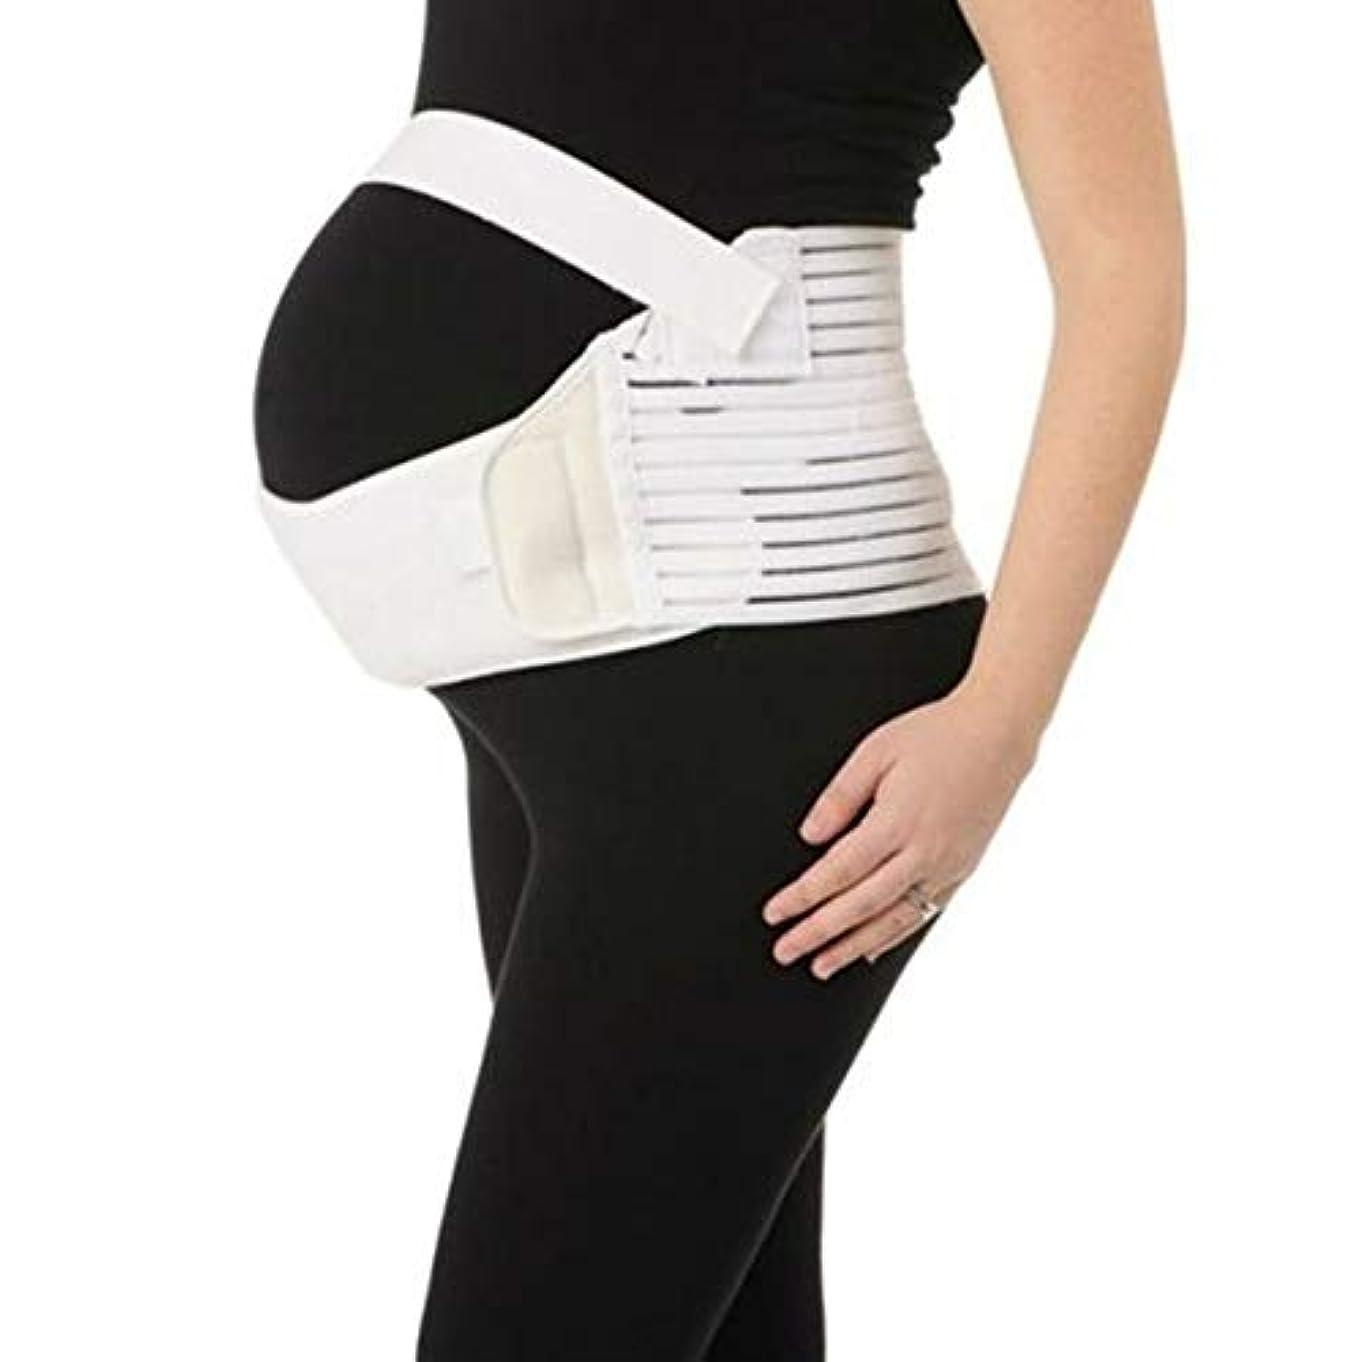 爬虫類エンコミウム報いる通気性マタニティベルト妊娠腹部サポート腹部バインダーガードル運動包帯産後の回復shapewear - ホワイトL